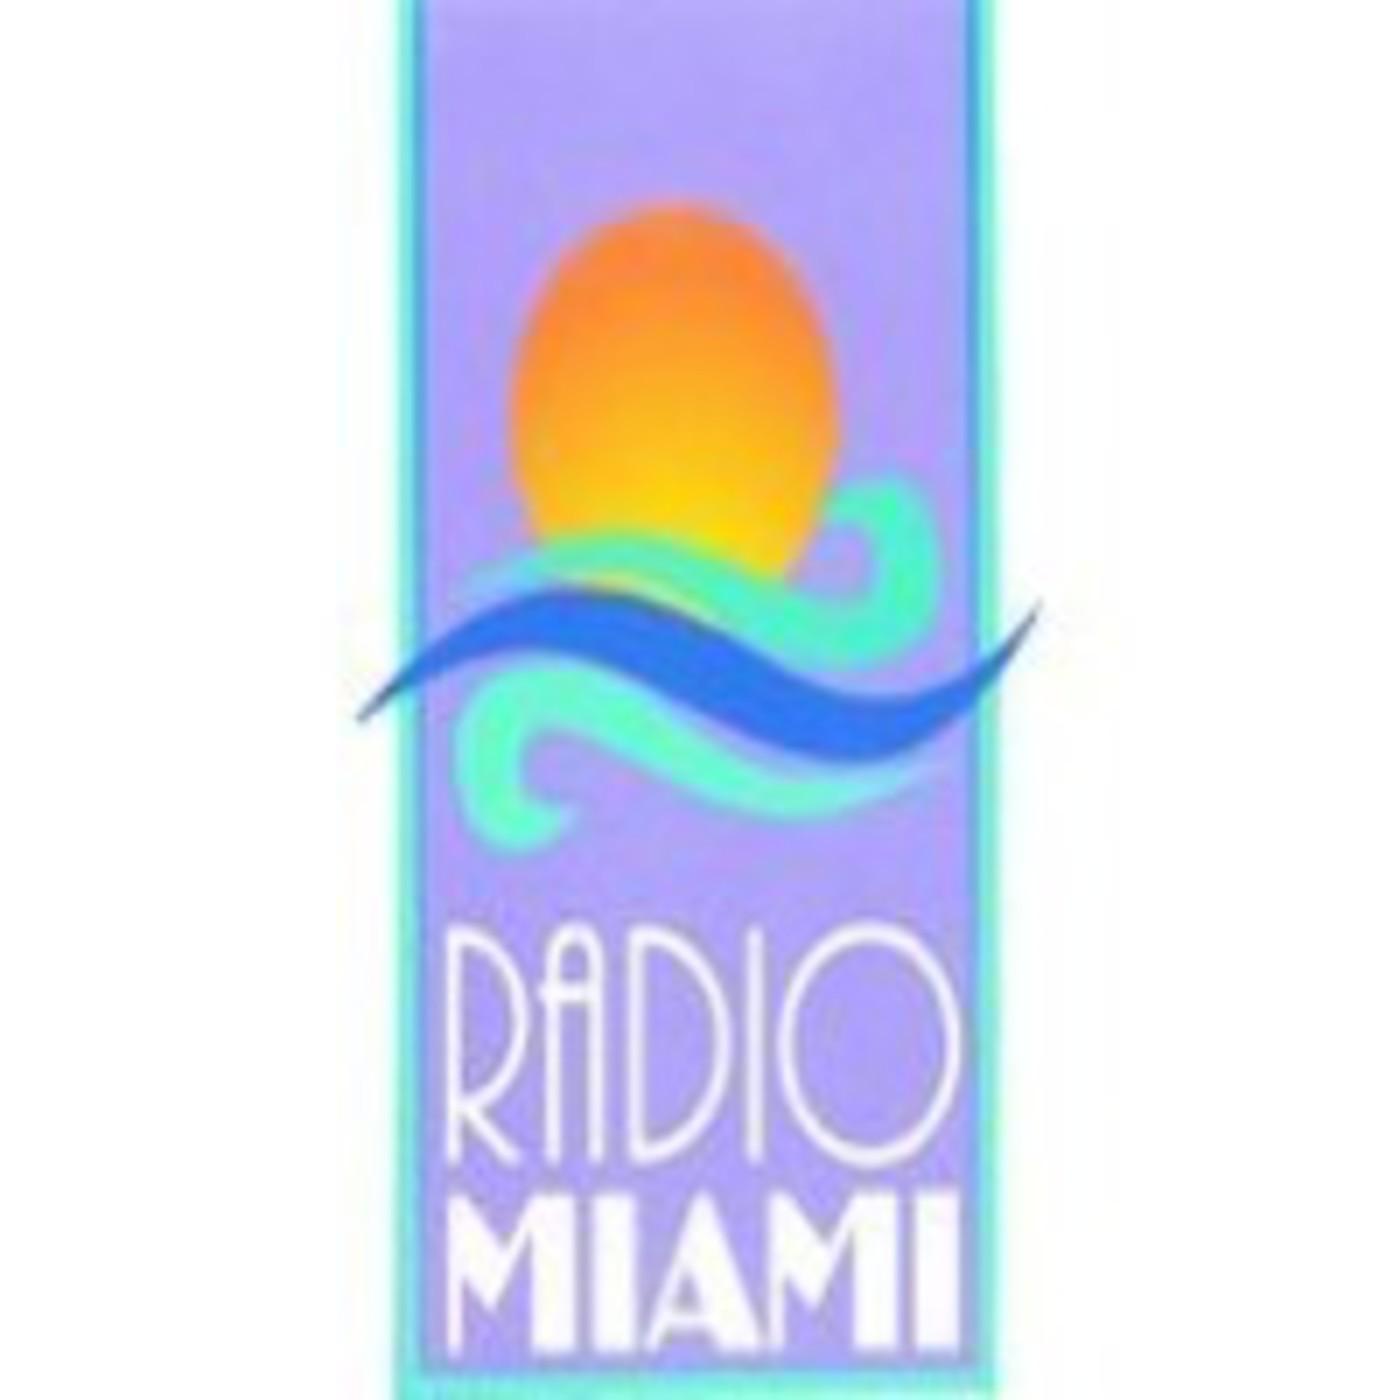 Radio Miami Int'l. - Eleccion a Presidente de Cuba en el exilio